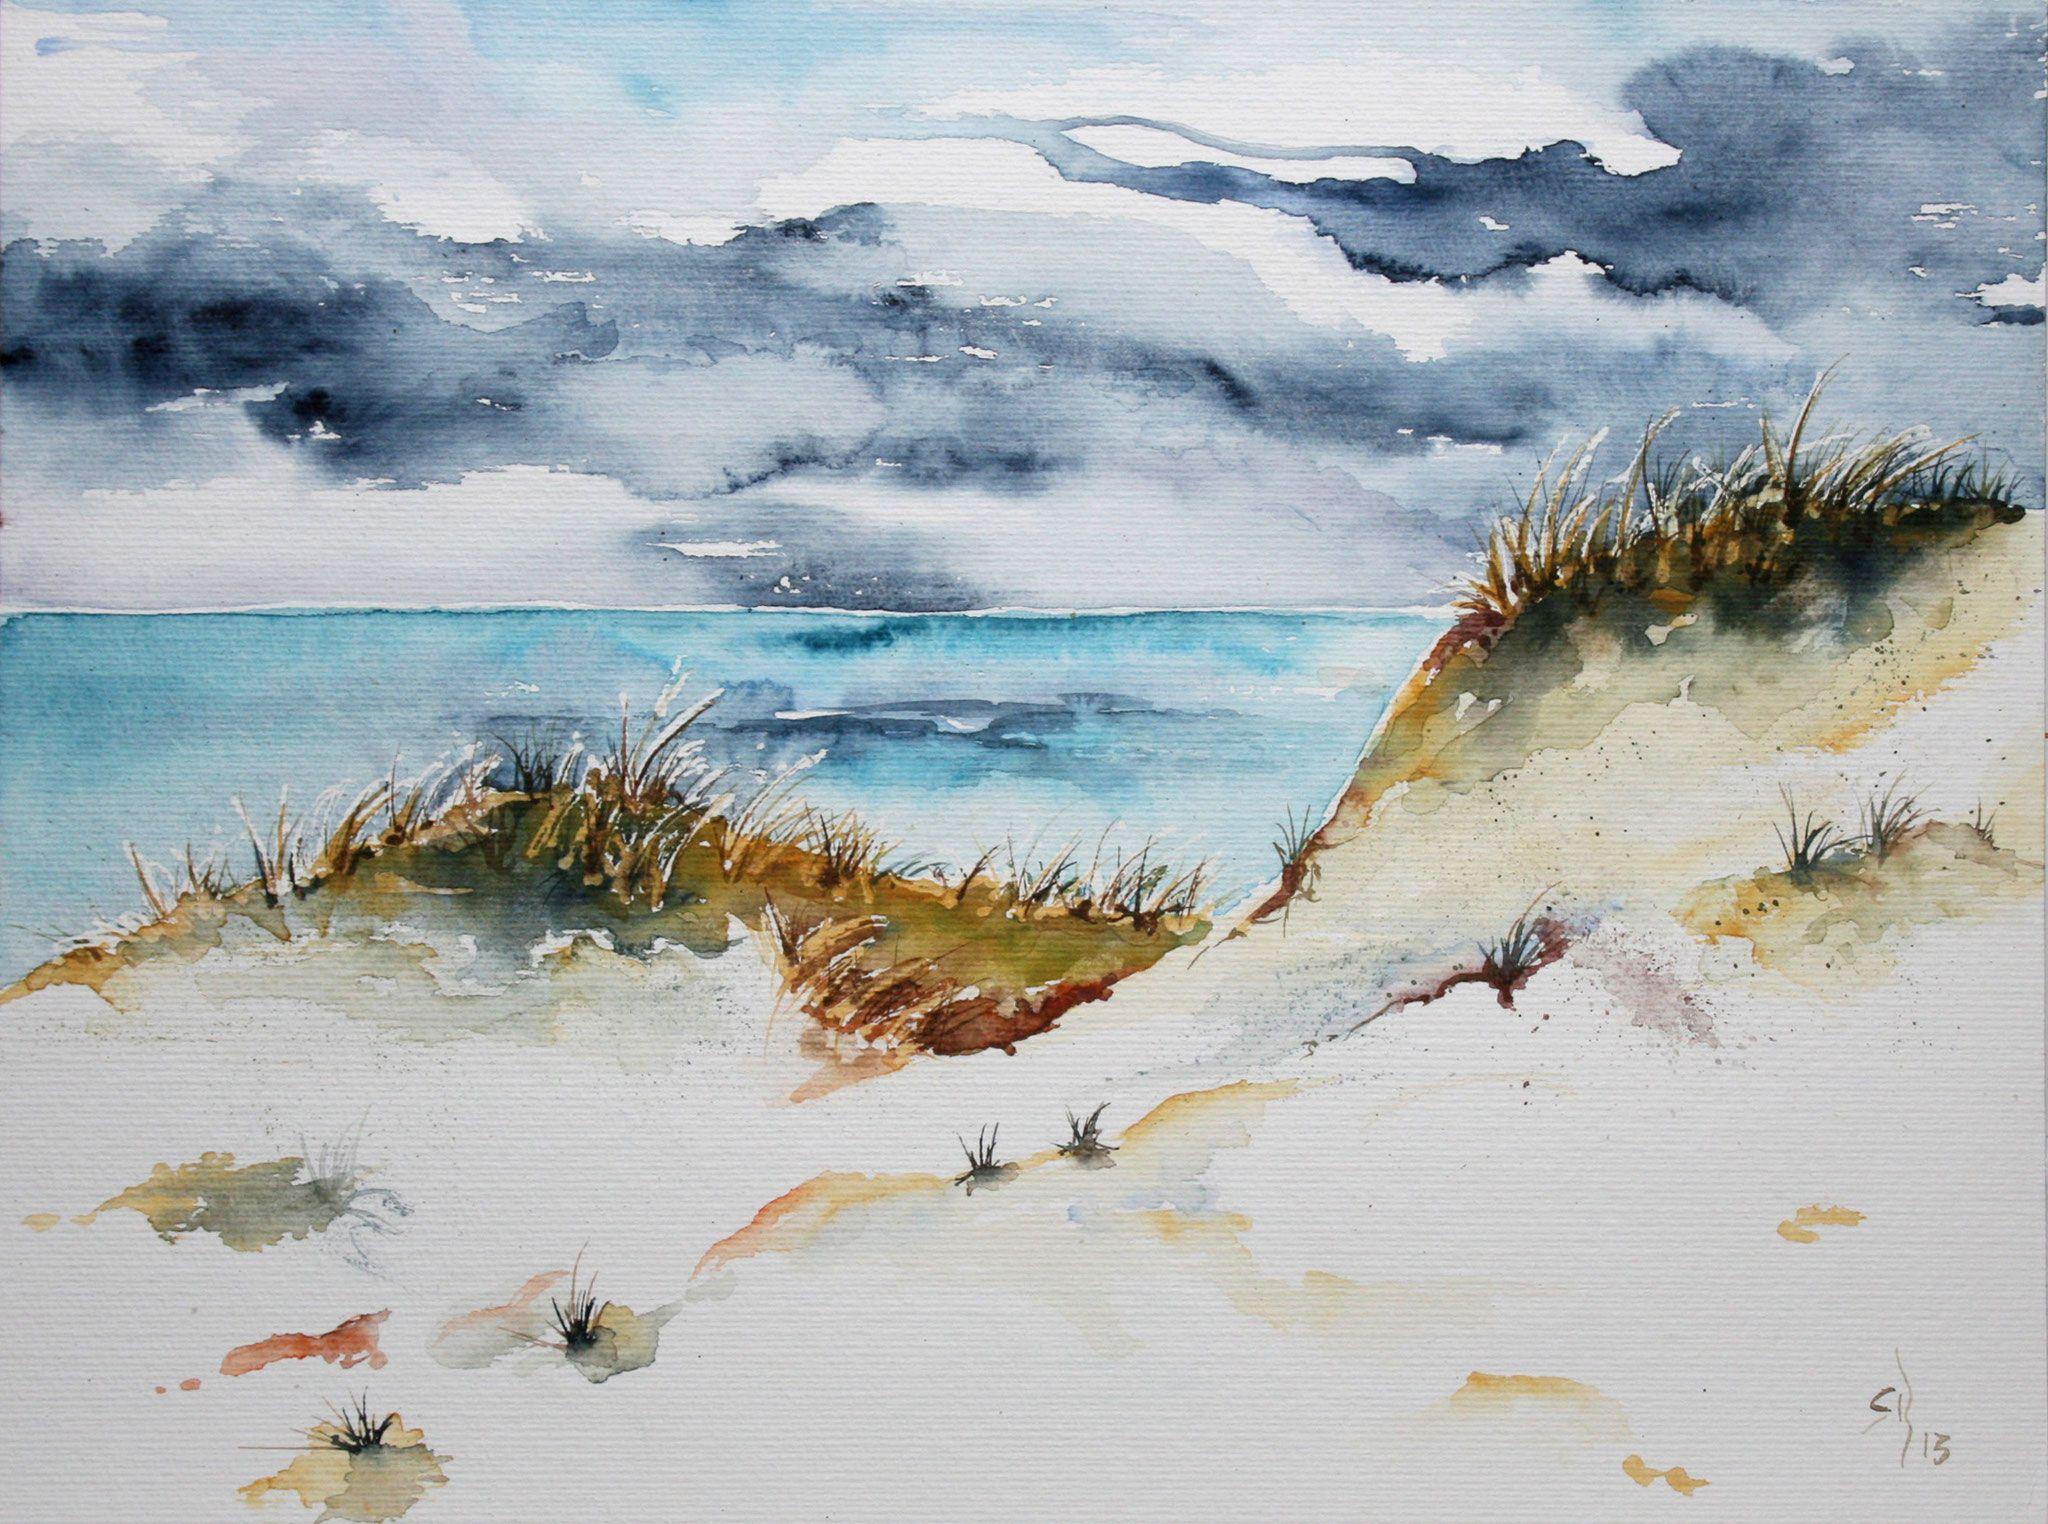 Landschaften - MachART-Bettina Rothfuss: Aquarell • Mixed ...